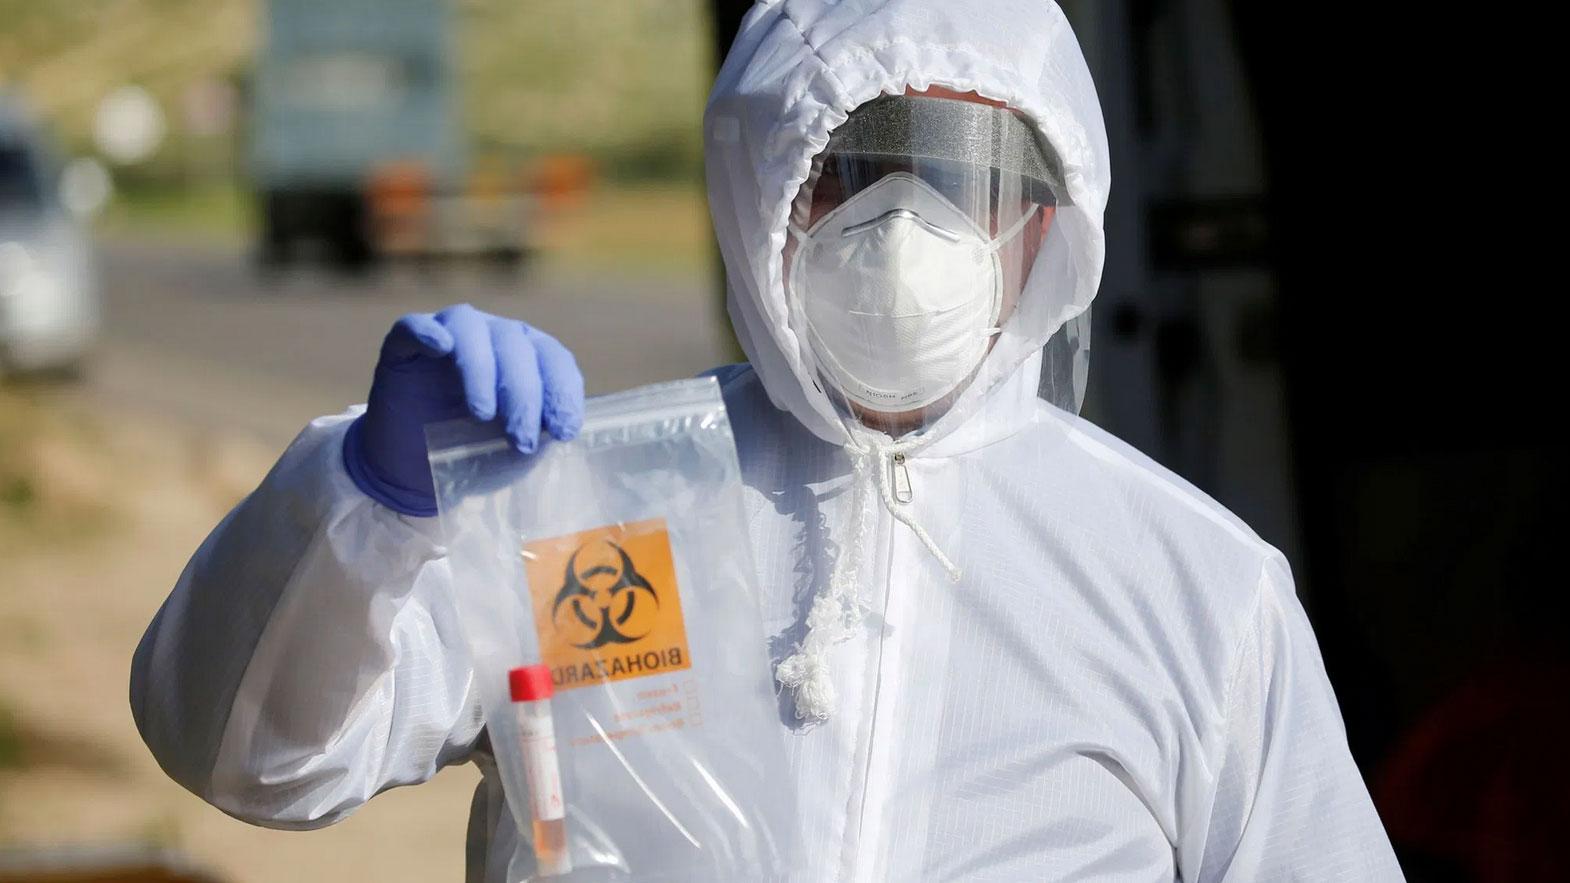 """中国积极援助外国防疫,但是劣质的""""中国制造"""",却又难掩中国的问题。欧洲国家西班牙捷克都向中国採购快速检测试剂,没想到爆出准确率只有20%到30%。图为,2020年3月26日,医务人员拿着在冠状病毒疾病(COVID-19)测试现场收集的样本。 (资料图/路透社)"""